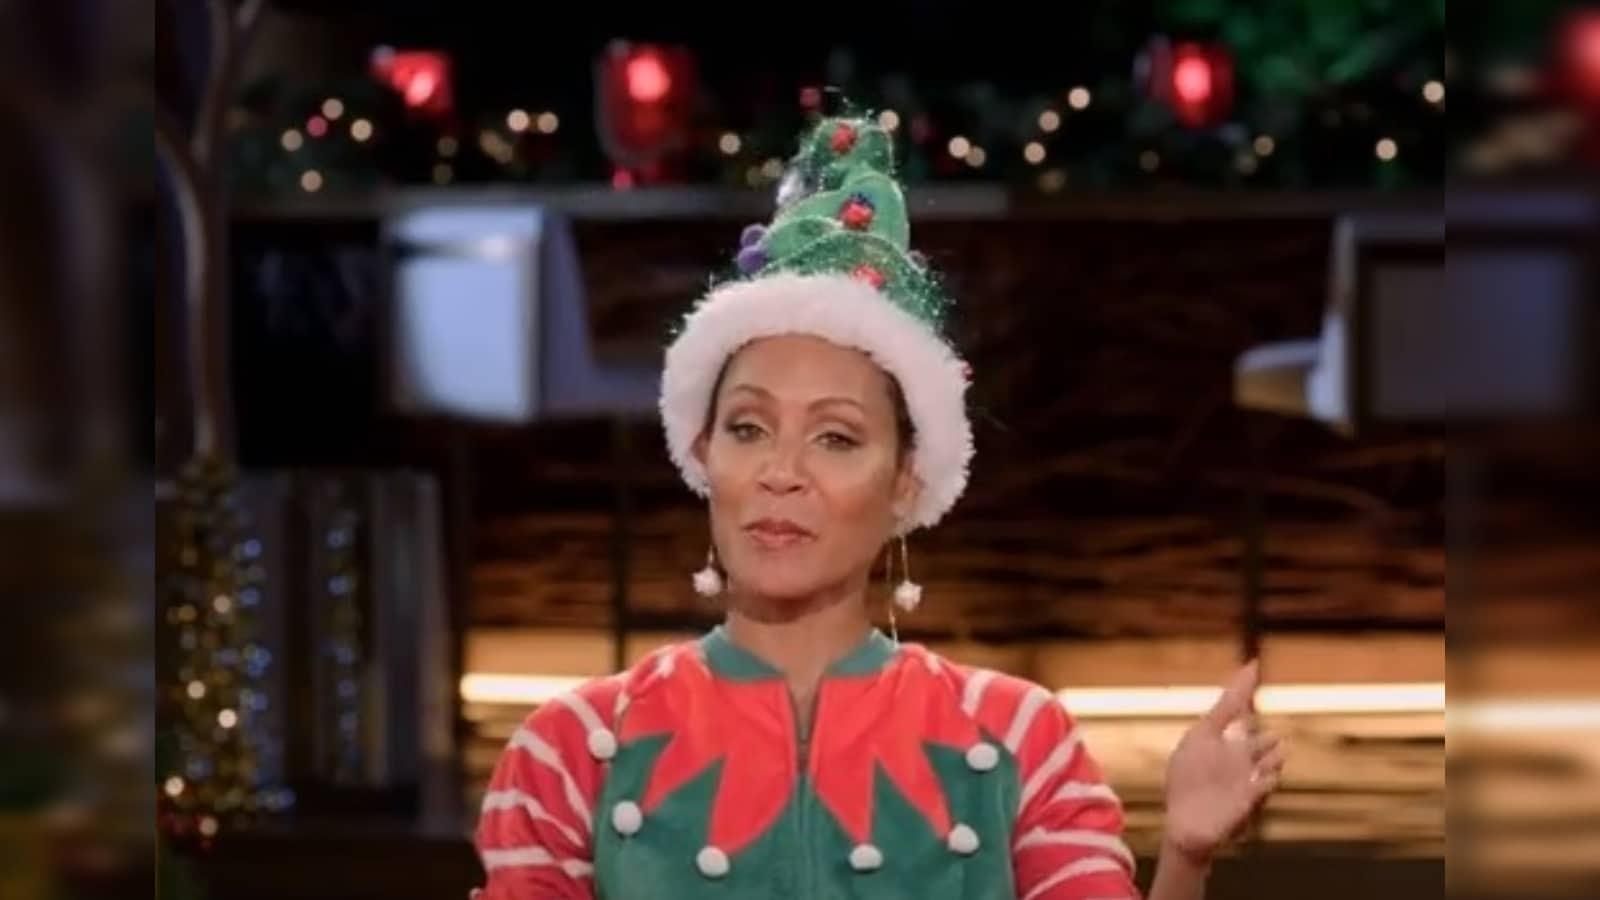 Jada Pinkett Smith Shares Family's Christmas Traditions